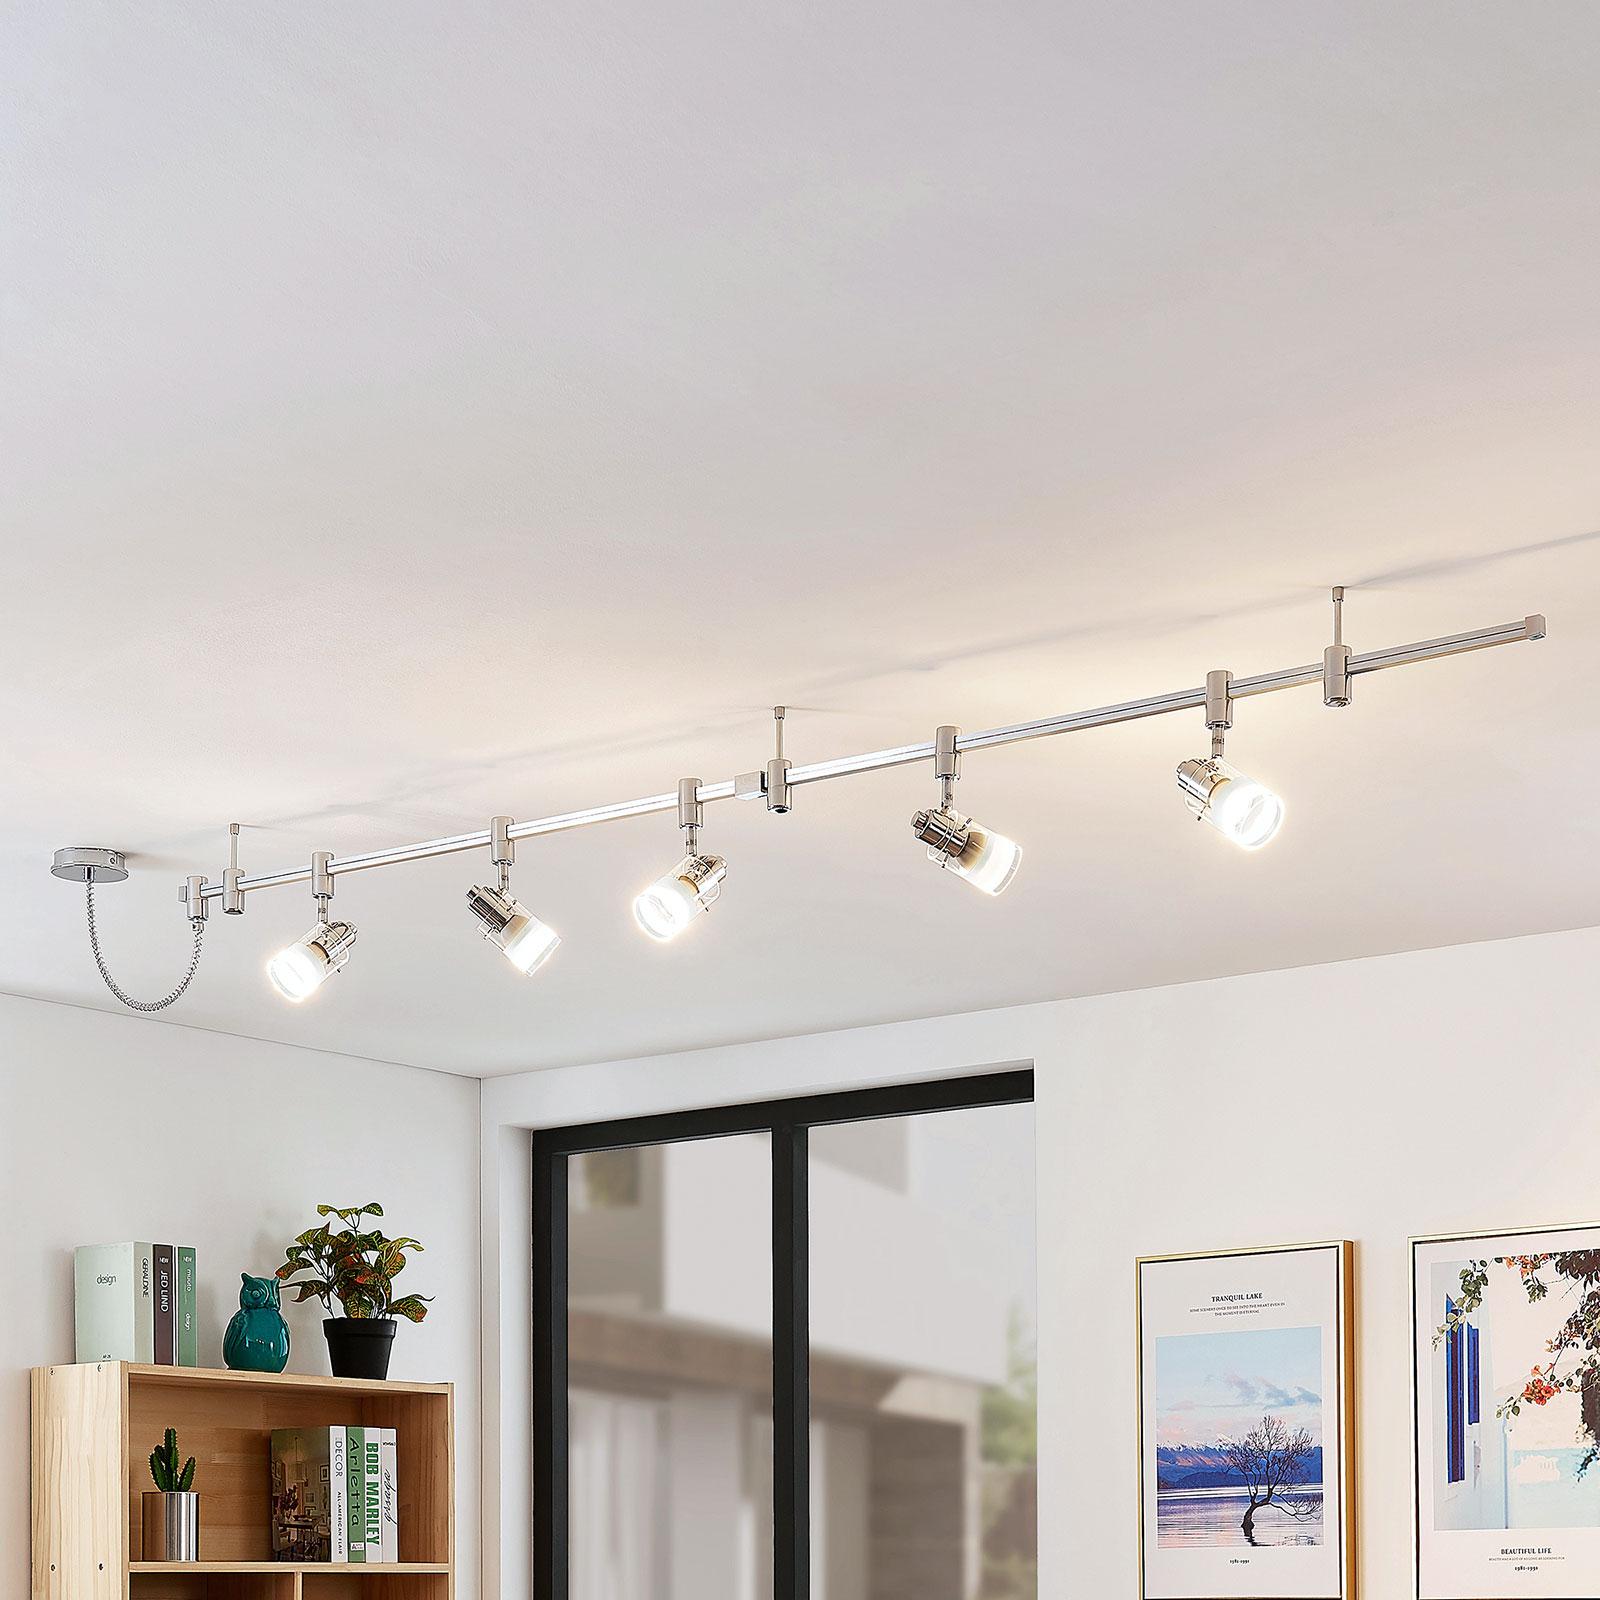 Riel de iluminación LED alto voltaje Narelia, GU10